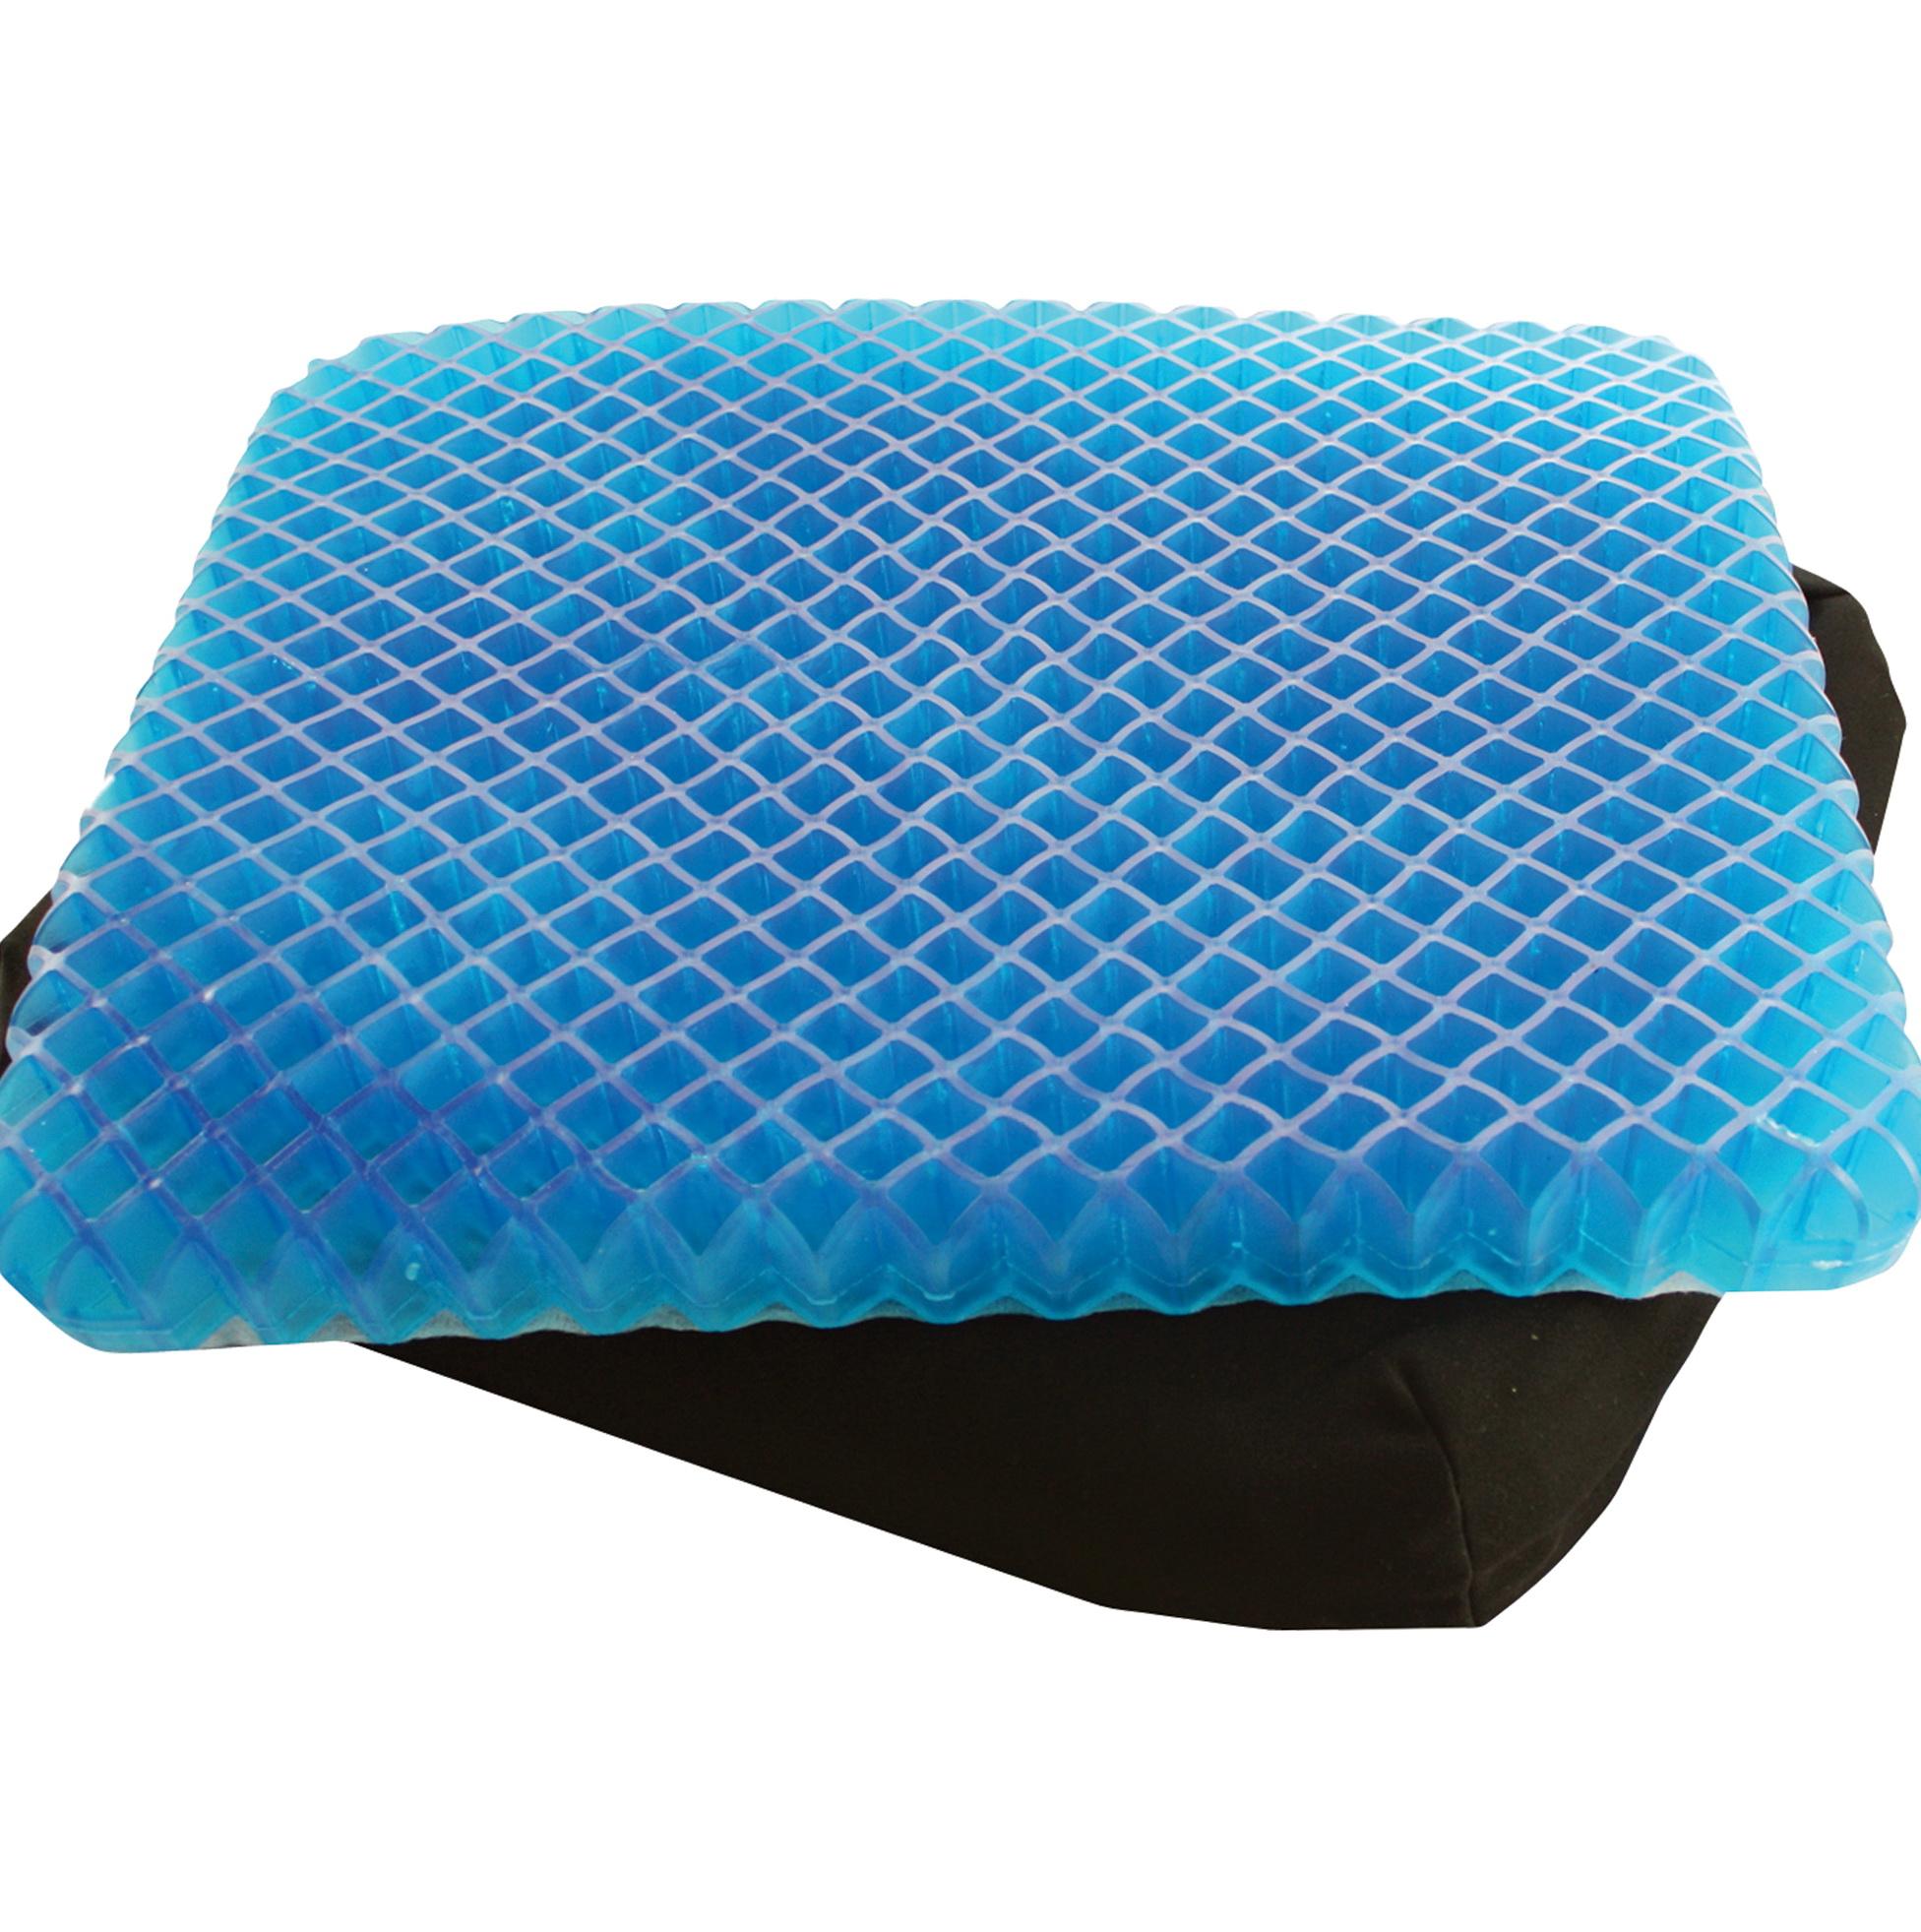 Gel Cushion For Chair Home Design Ideas